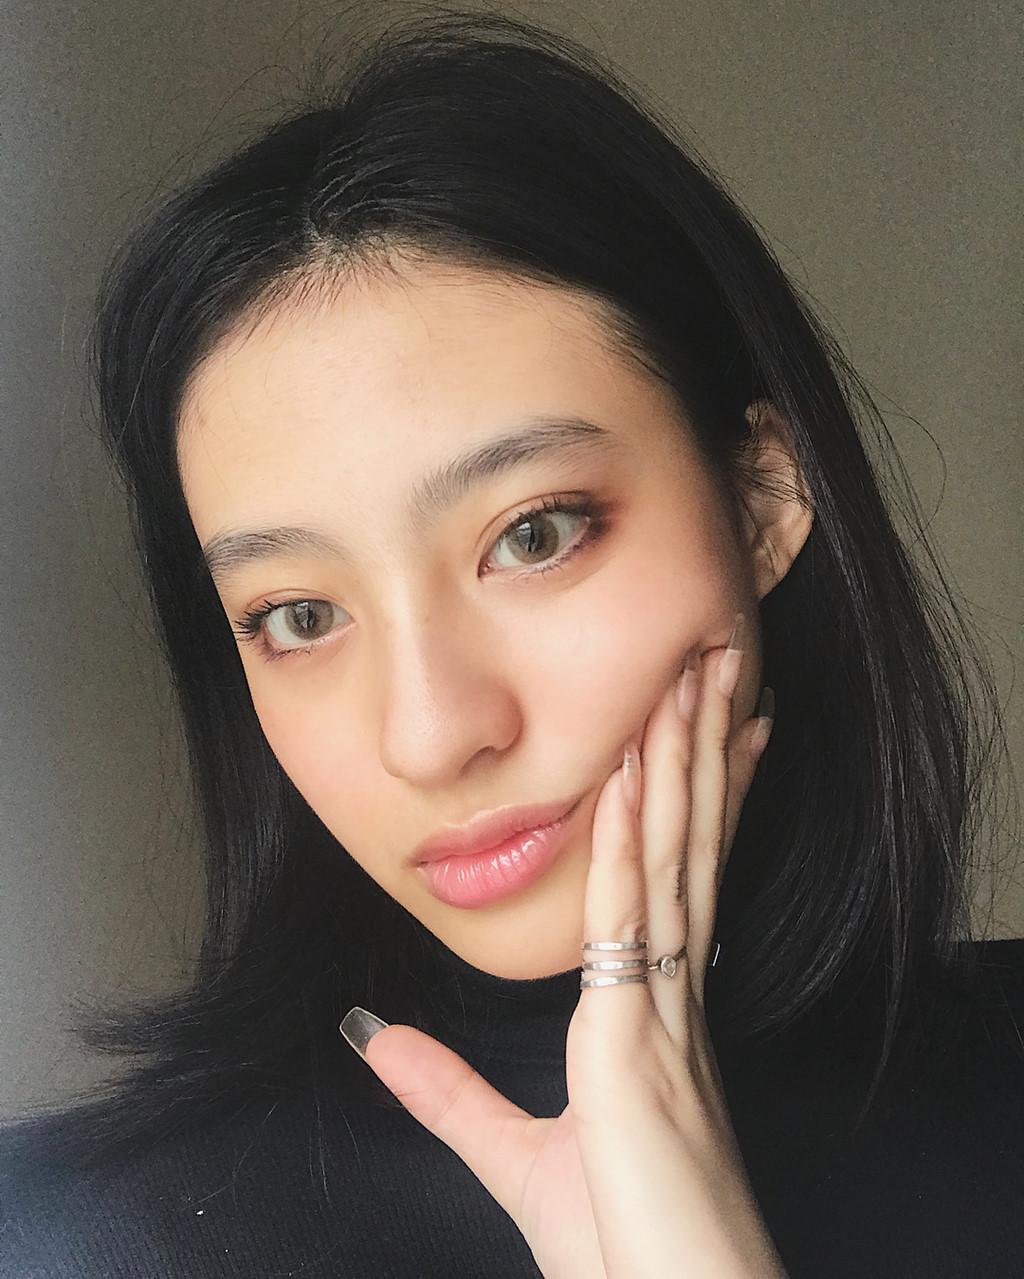 Minh Ngọc là hot girl nổi tiếng trên Instagram đối với giới trẻ Việt, hiện có 159.000 người theo dõi. Còn Gia Linh tuy không theo con đường như chị gái nhưng vẫn nhận được nhiều lời khen về ngoại hình.